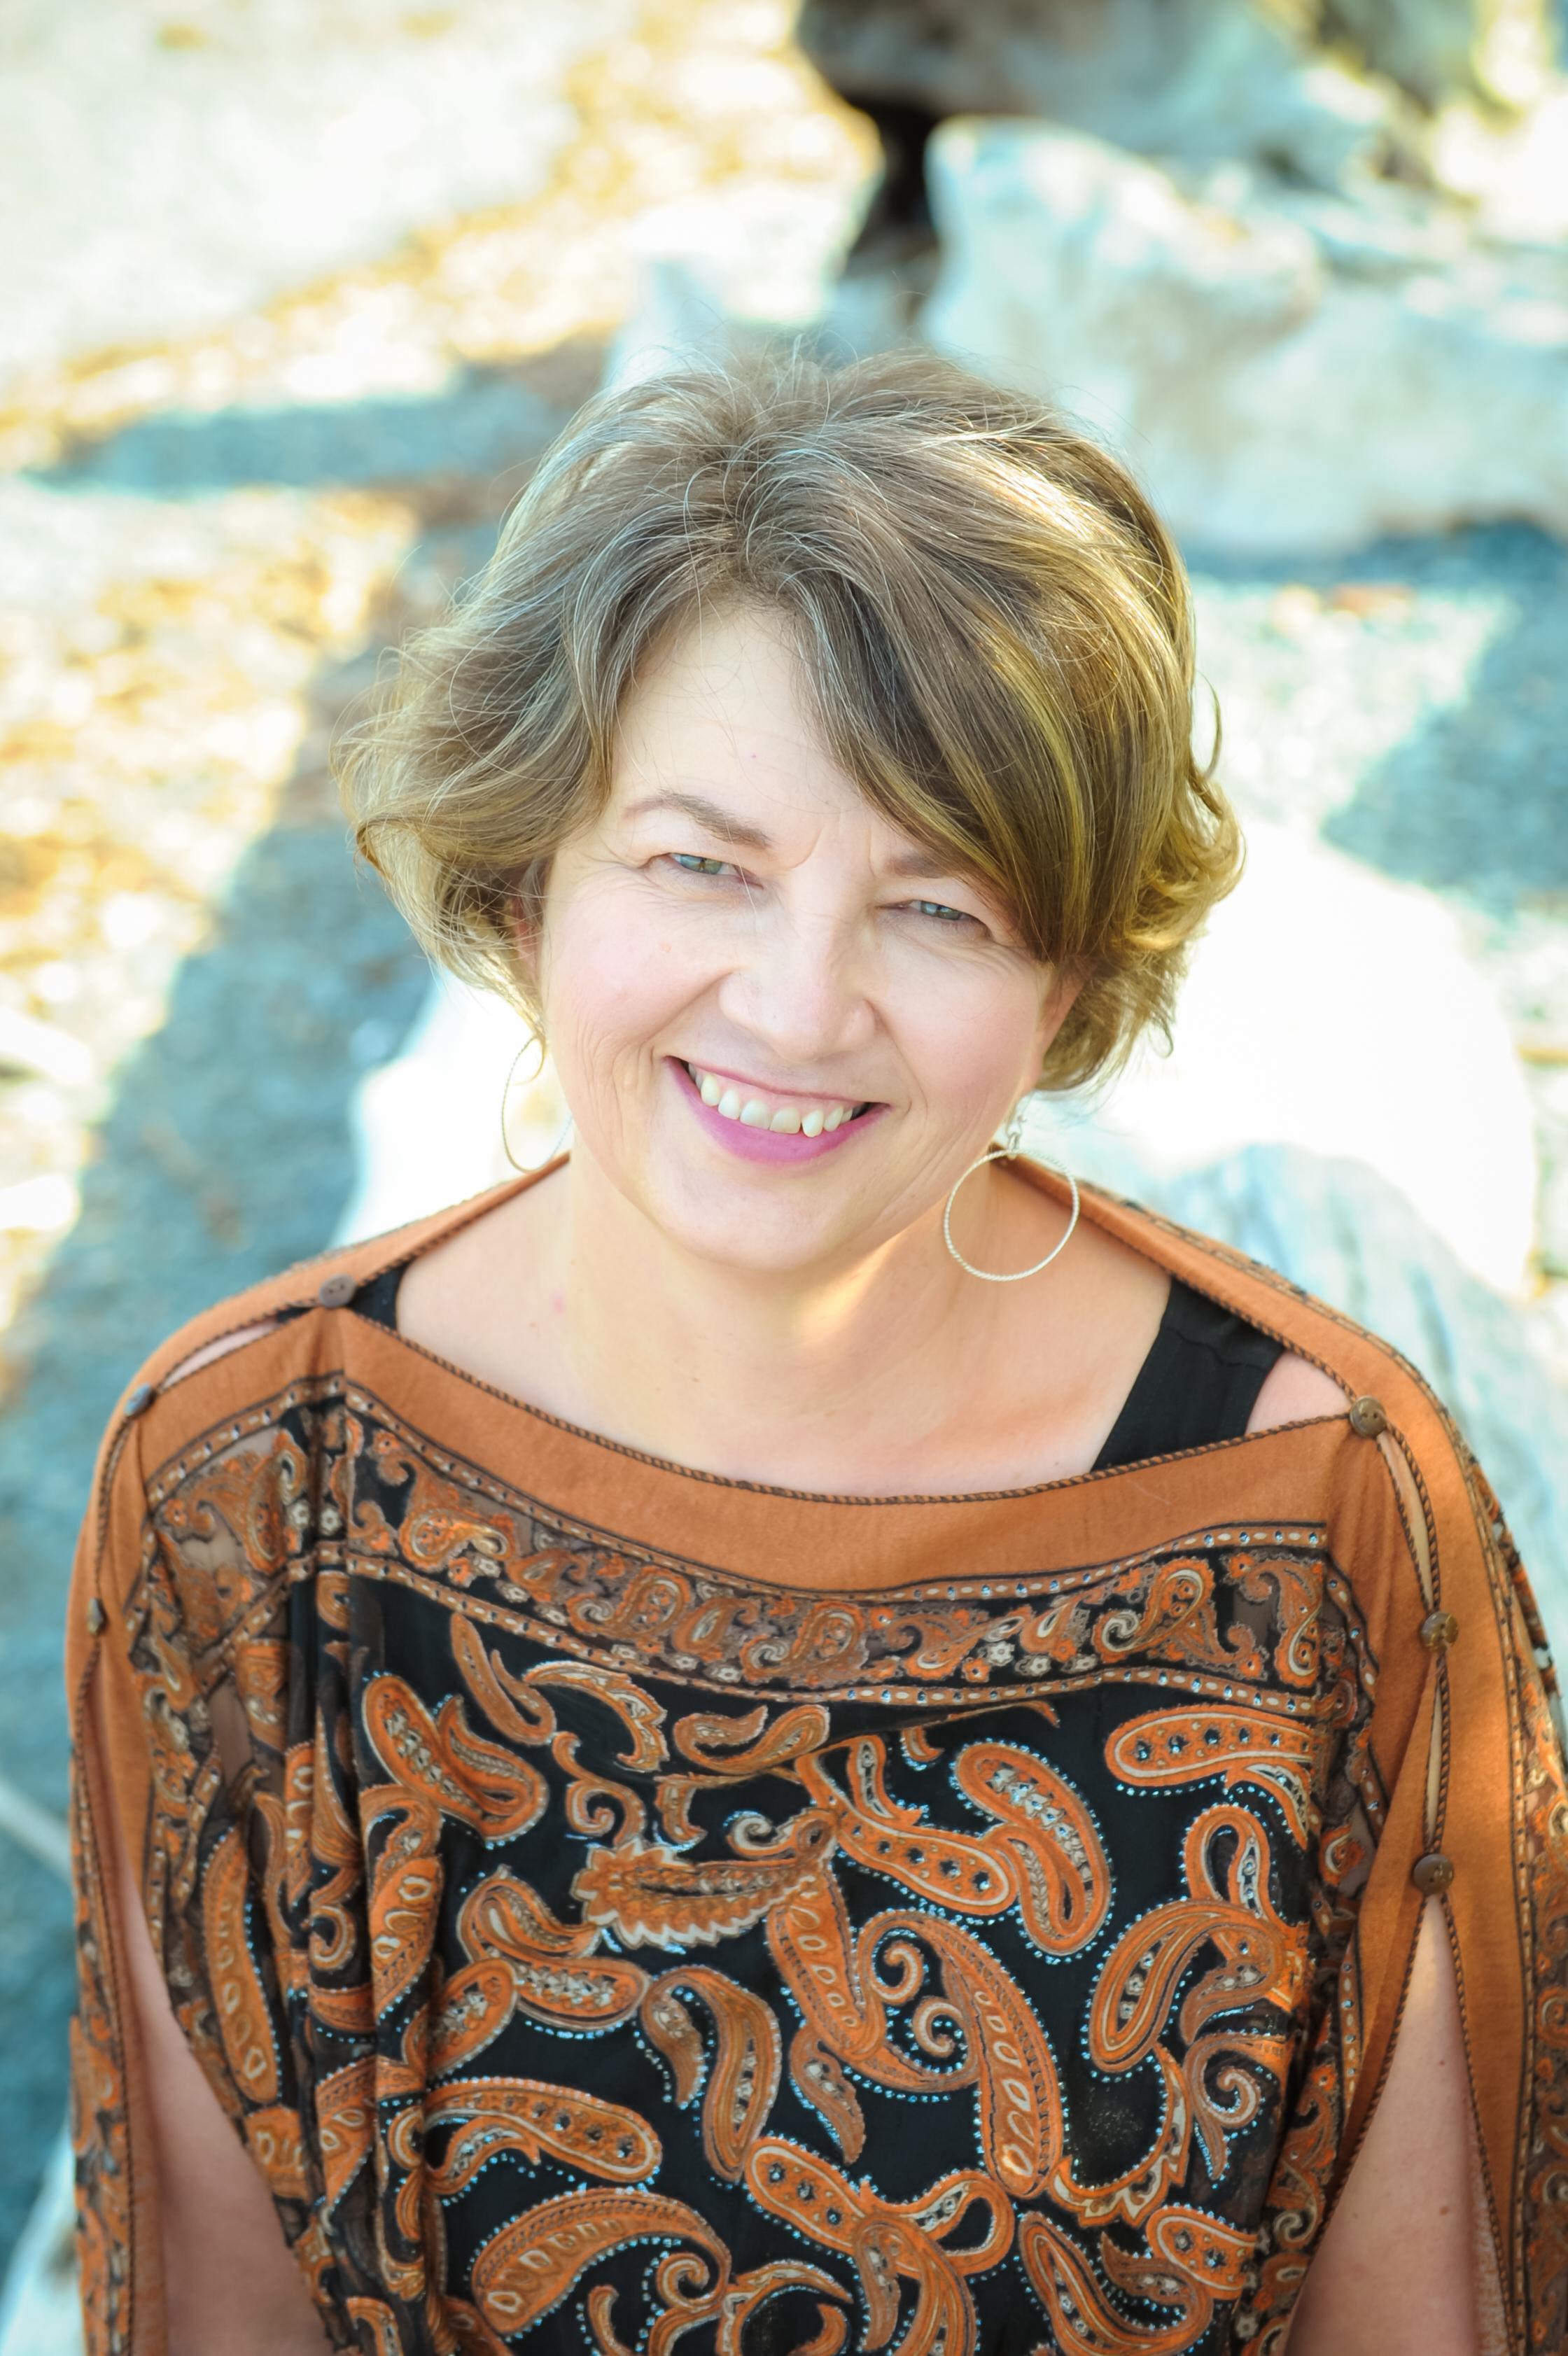 Victoria Pawlowski